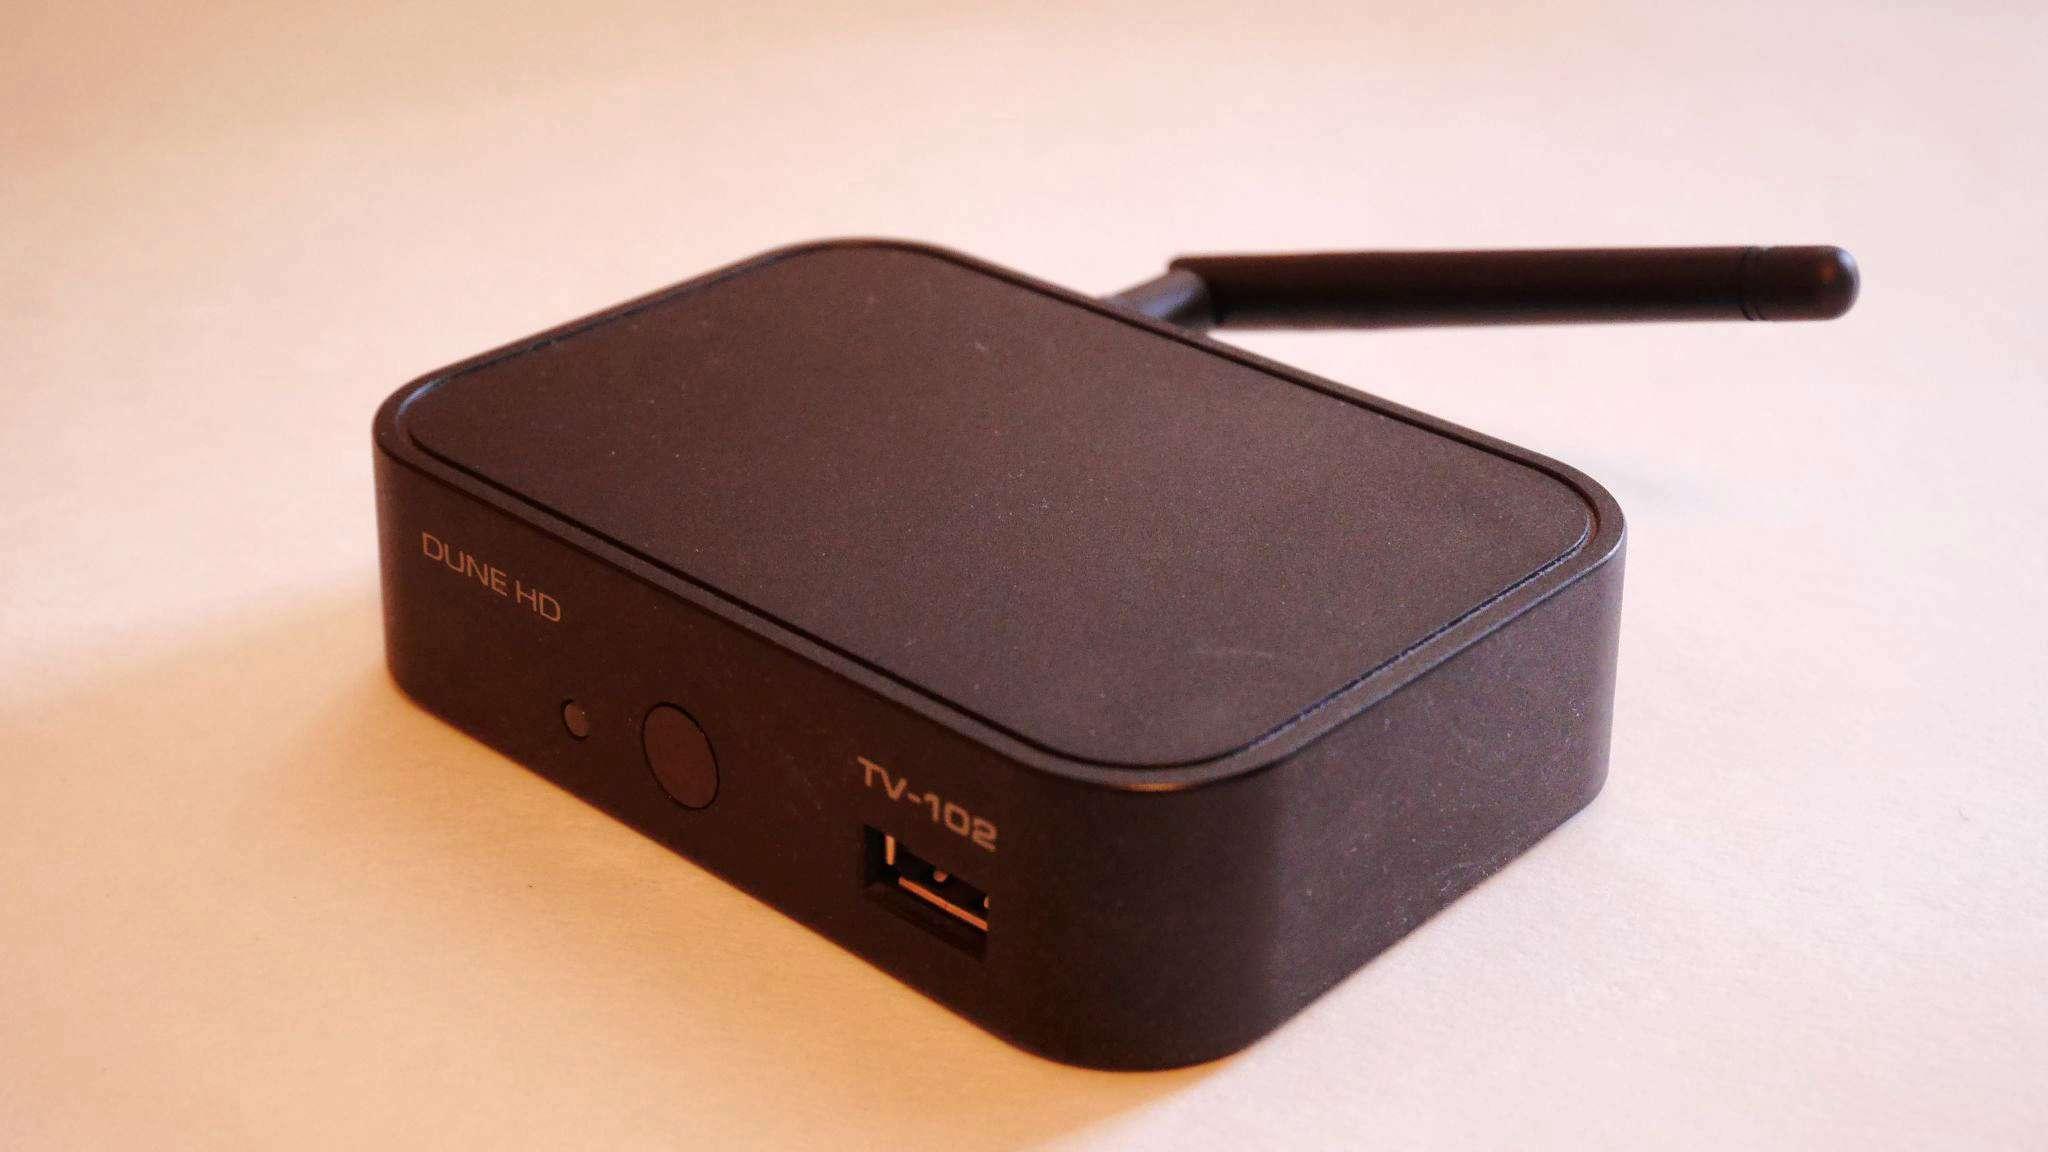 dune hd tv-102 инструкция подключить wifi